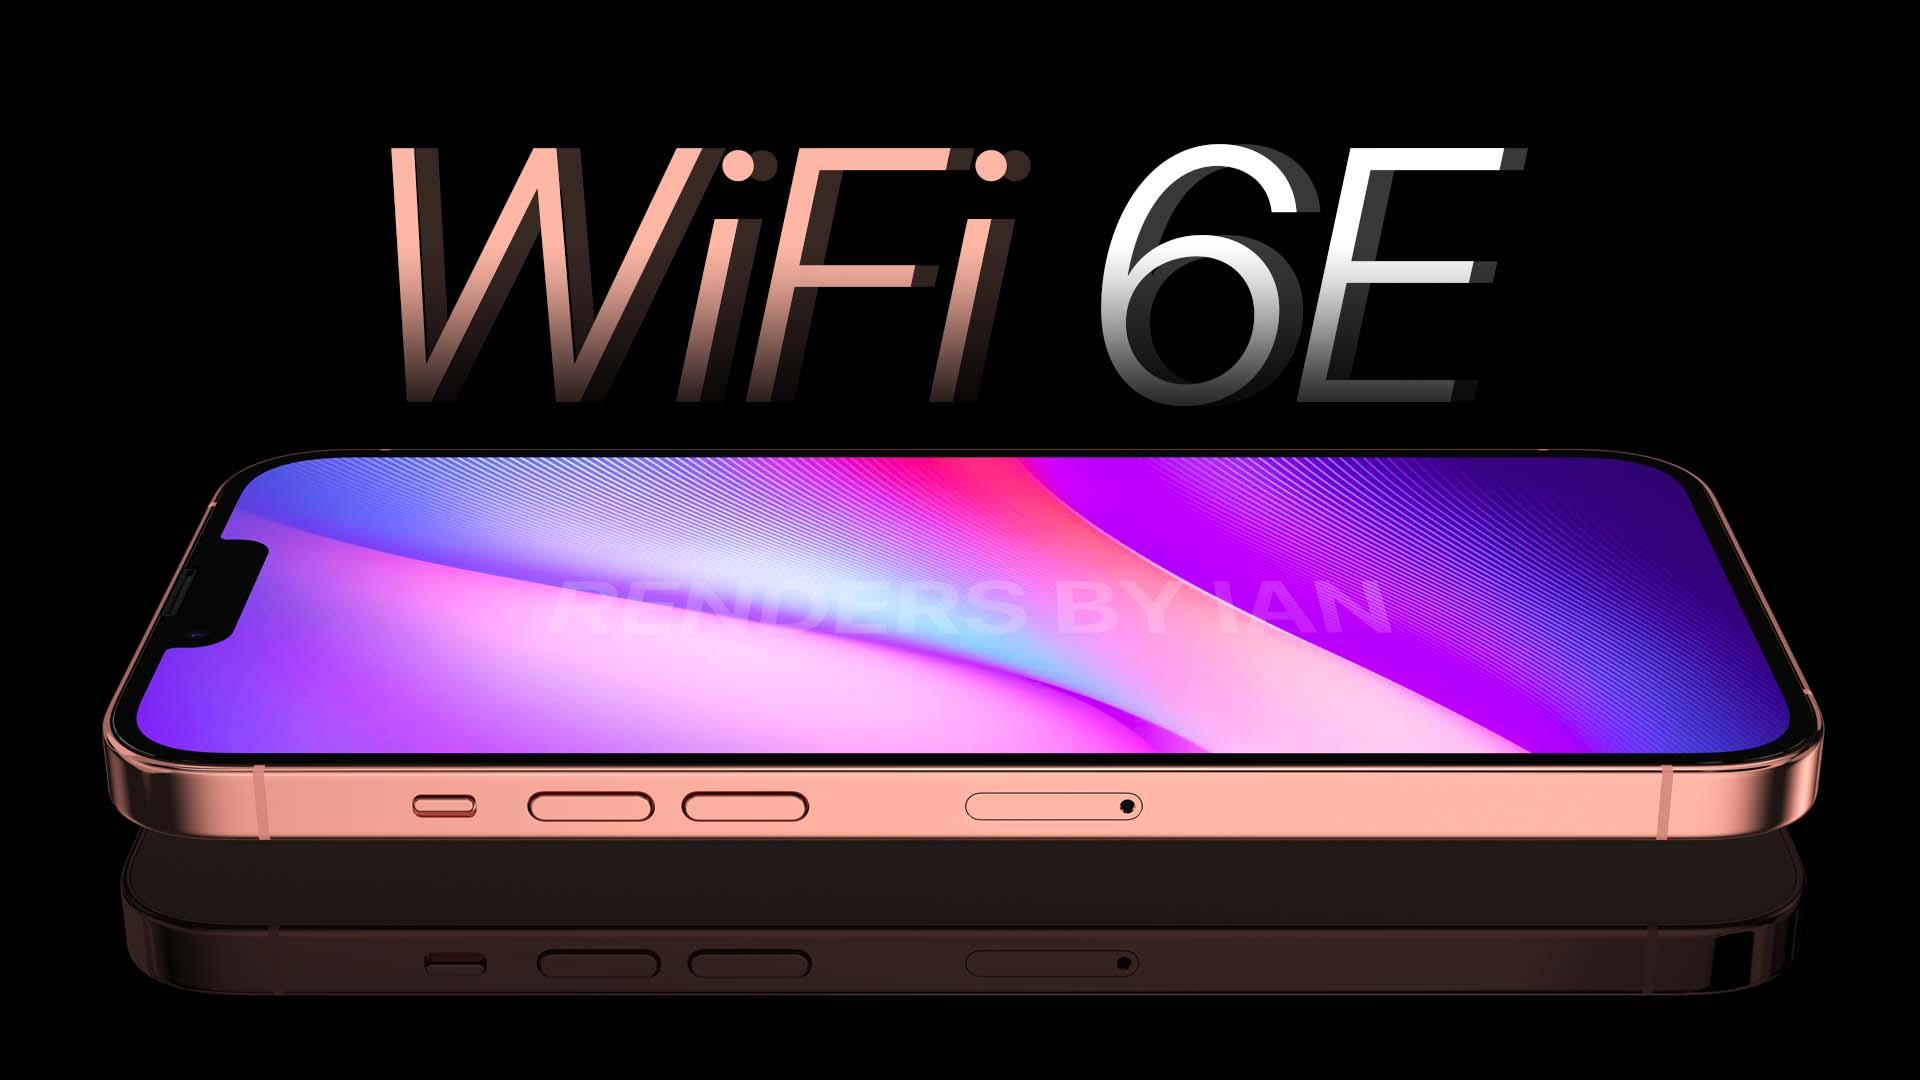 iPhone 13 ที่จะรองรับสัญญาณ WiFi 6E เป็นตัวแรกของ Apple เป็นสัญญาณอินเตอร์เน็ตไร้สายที่ไวที่สุด